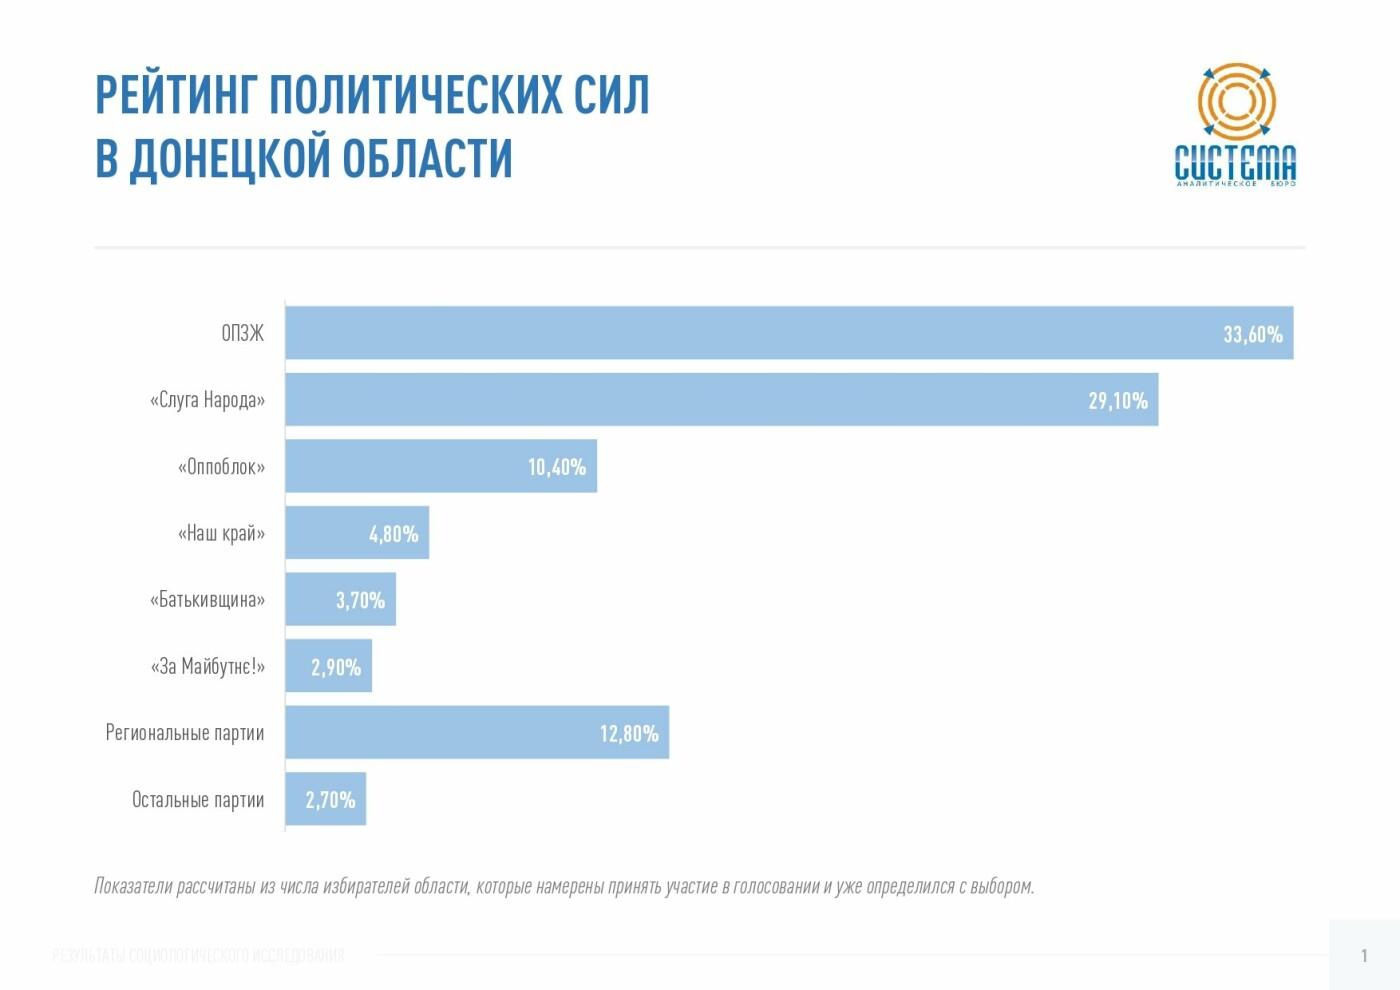 Партия «Слуга Народа» показывает наибольший электоральный рост в Донецкой области – исследование, фото-1